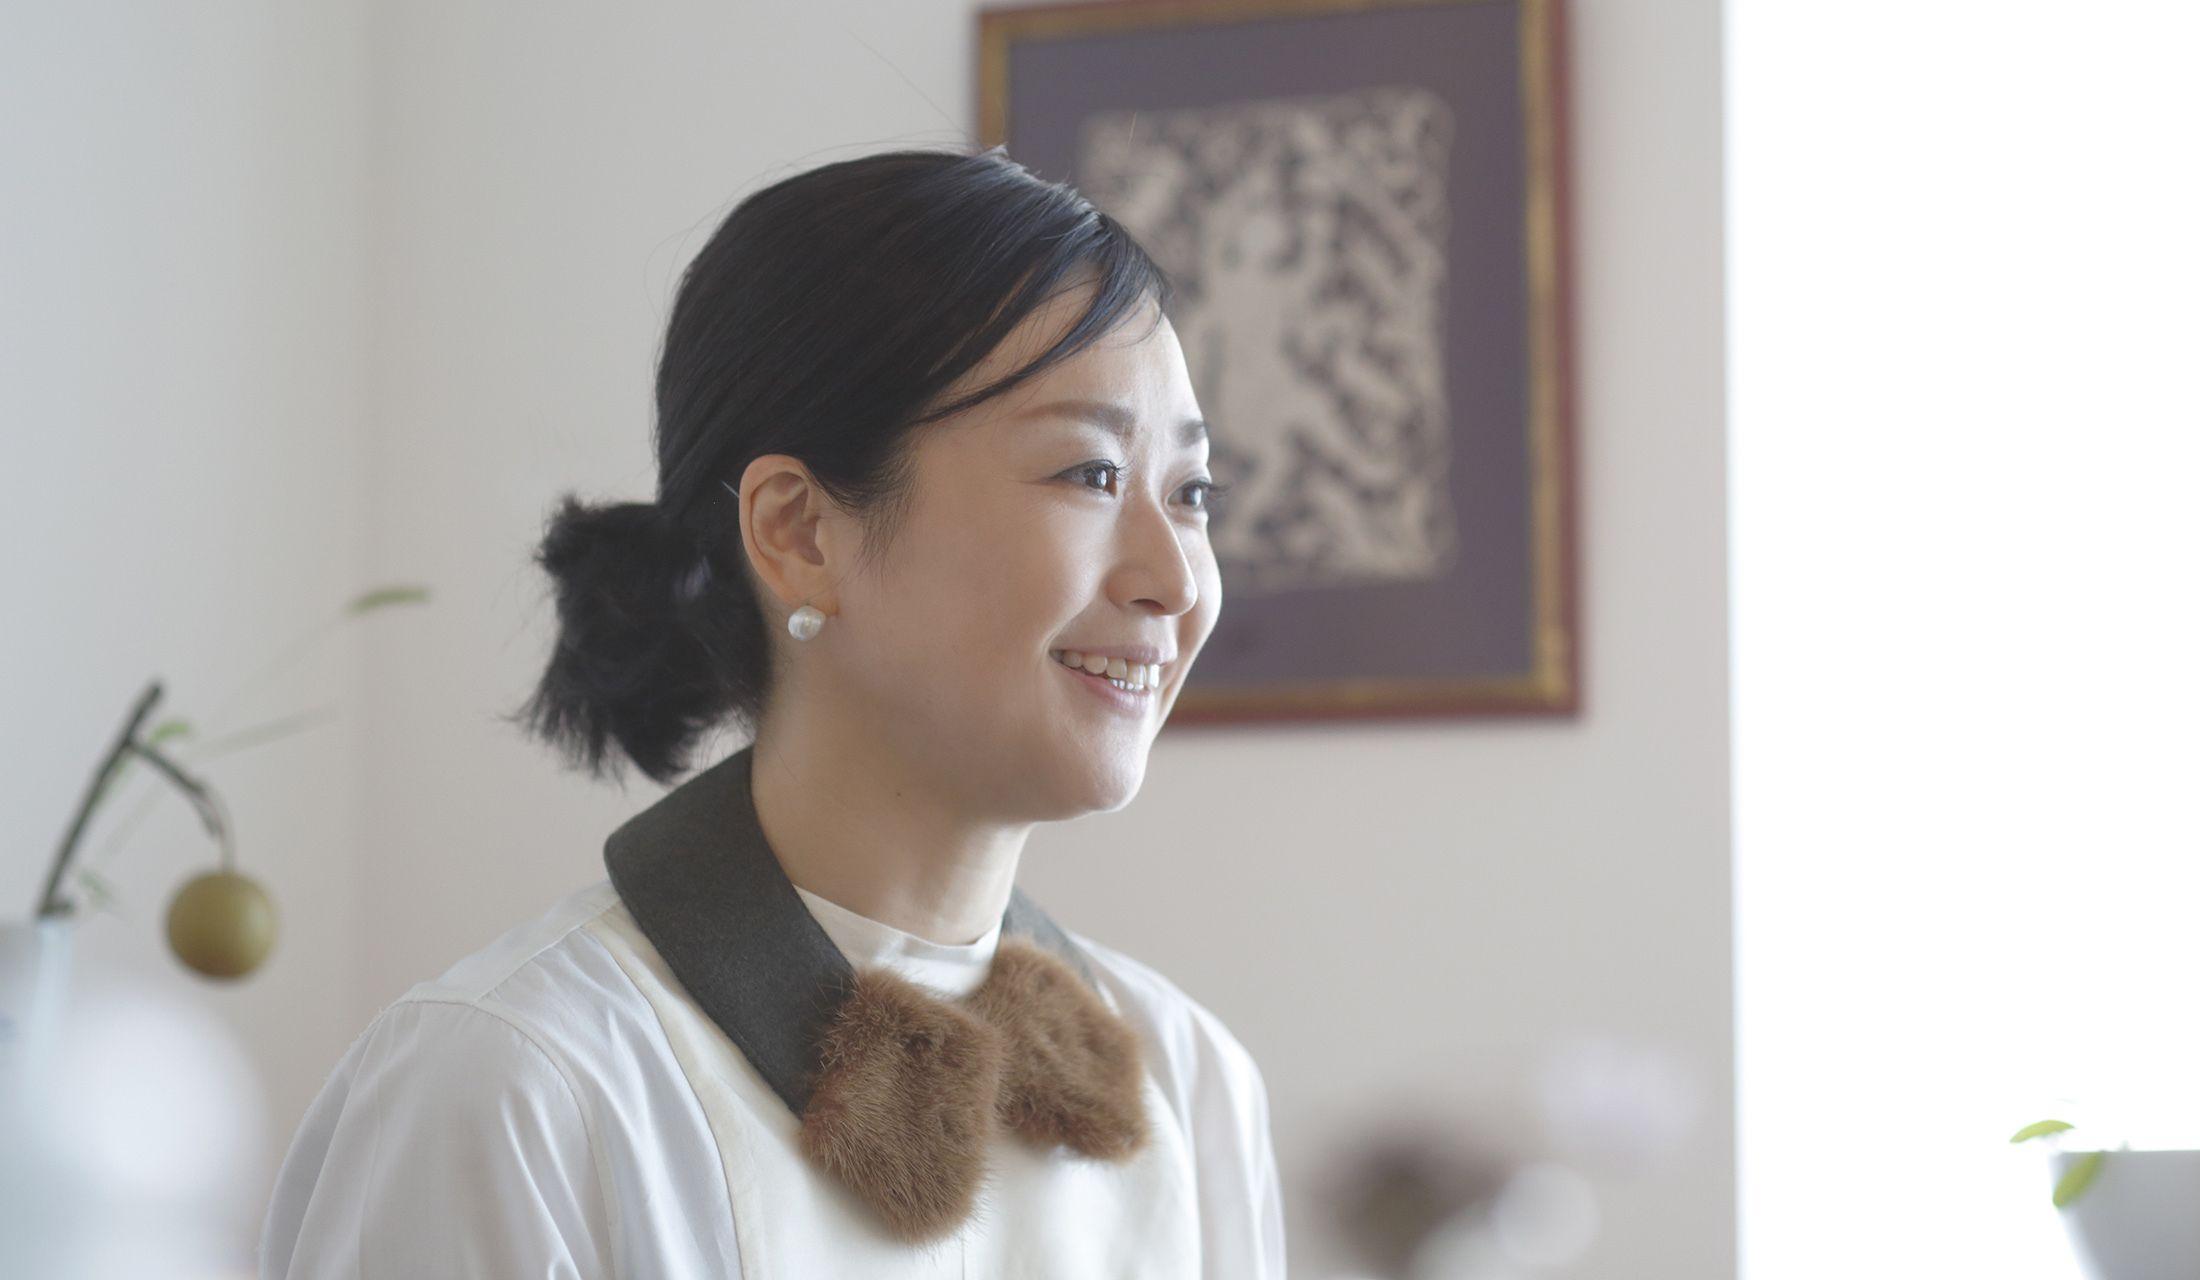 「昂-KYOTO-」オーナー 永松仁美(ながまつ・ひとみ)さん